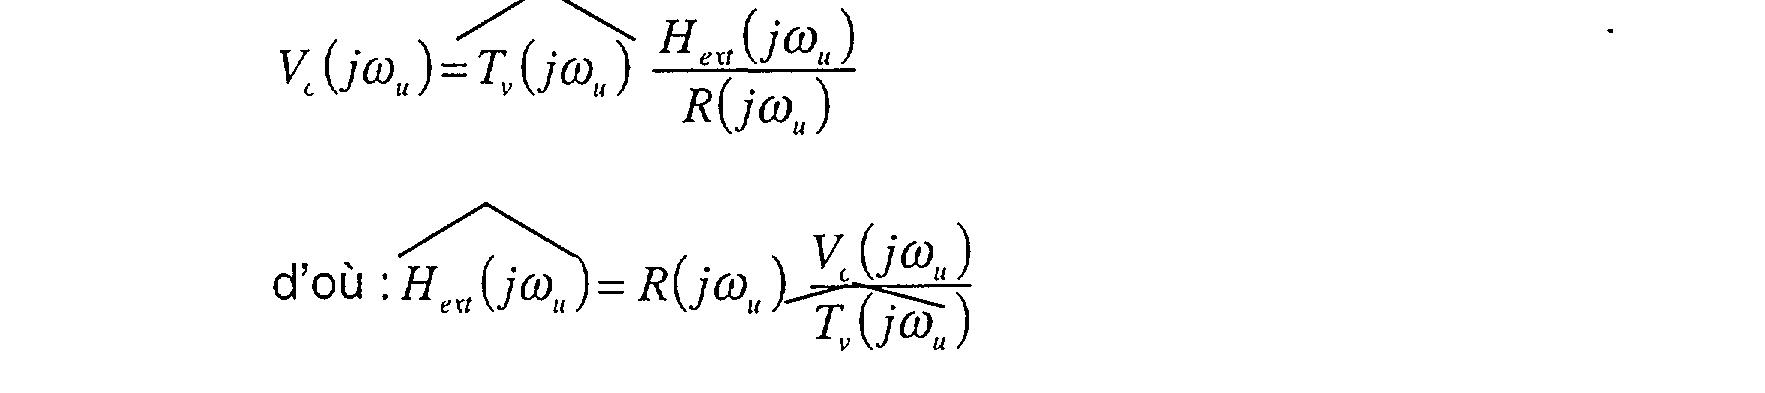 Figure img00110004